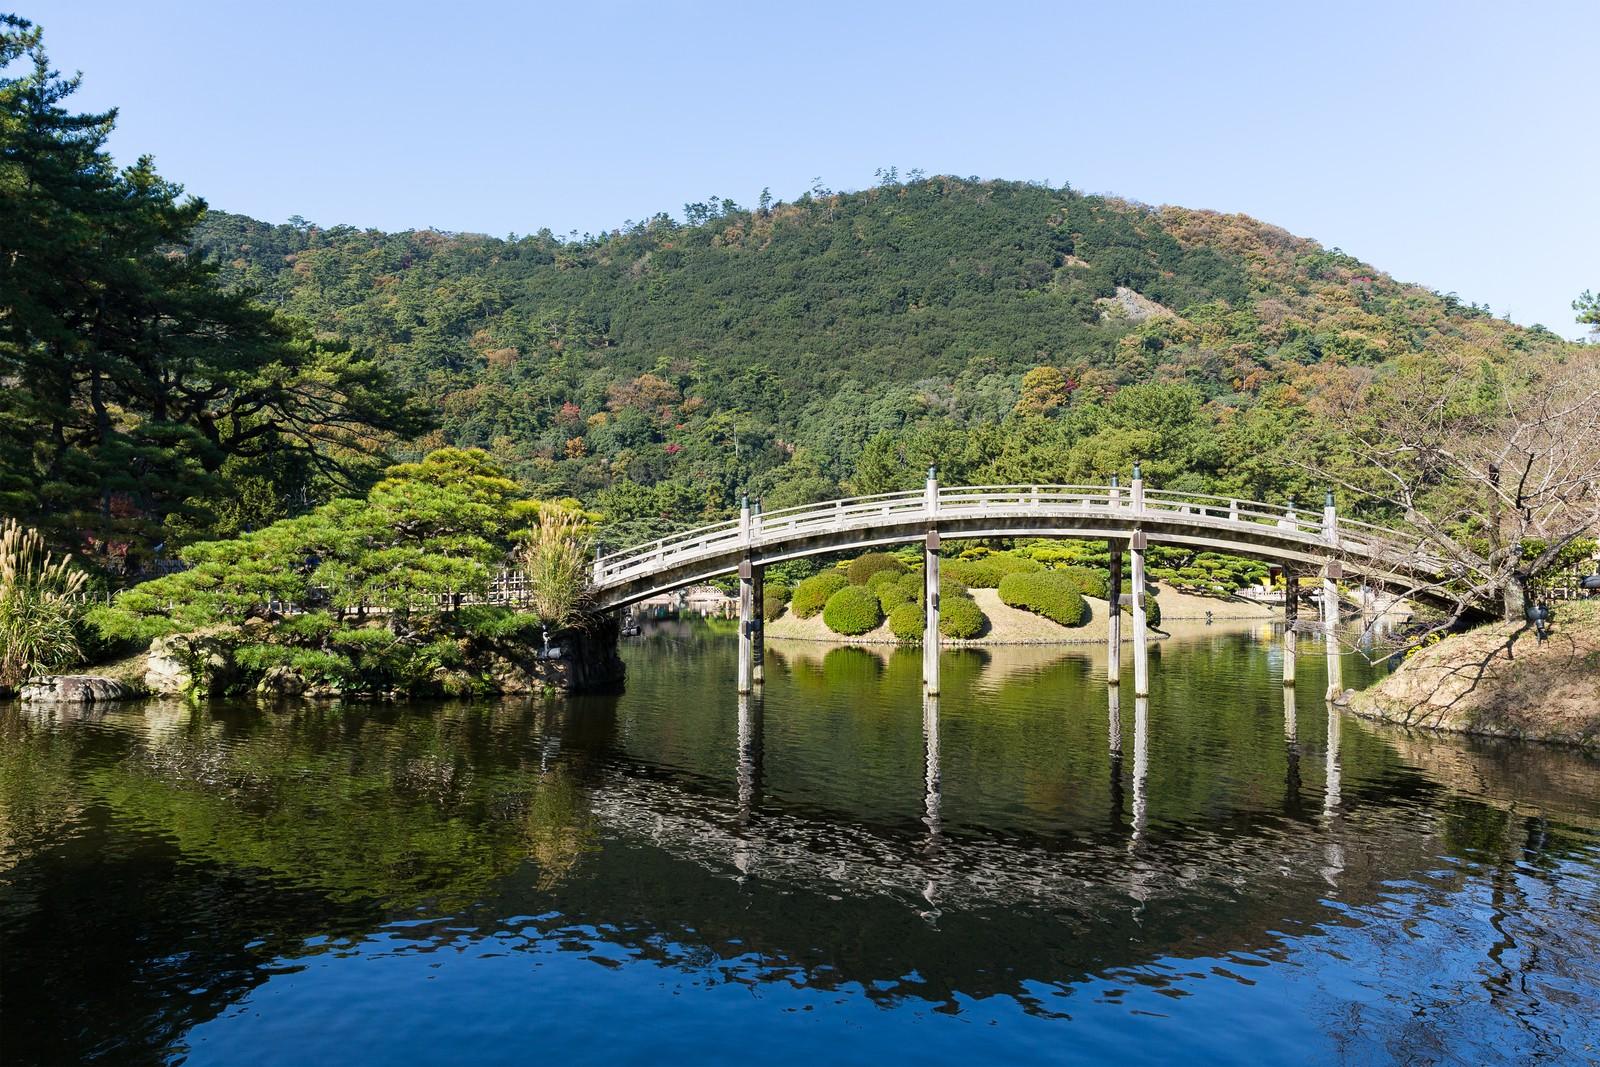 Ritsurin Koen garden, Japan